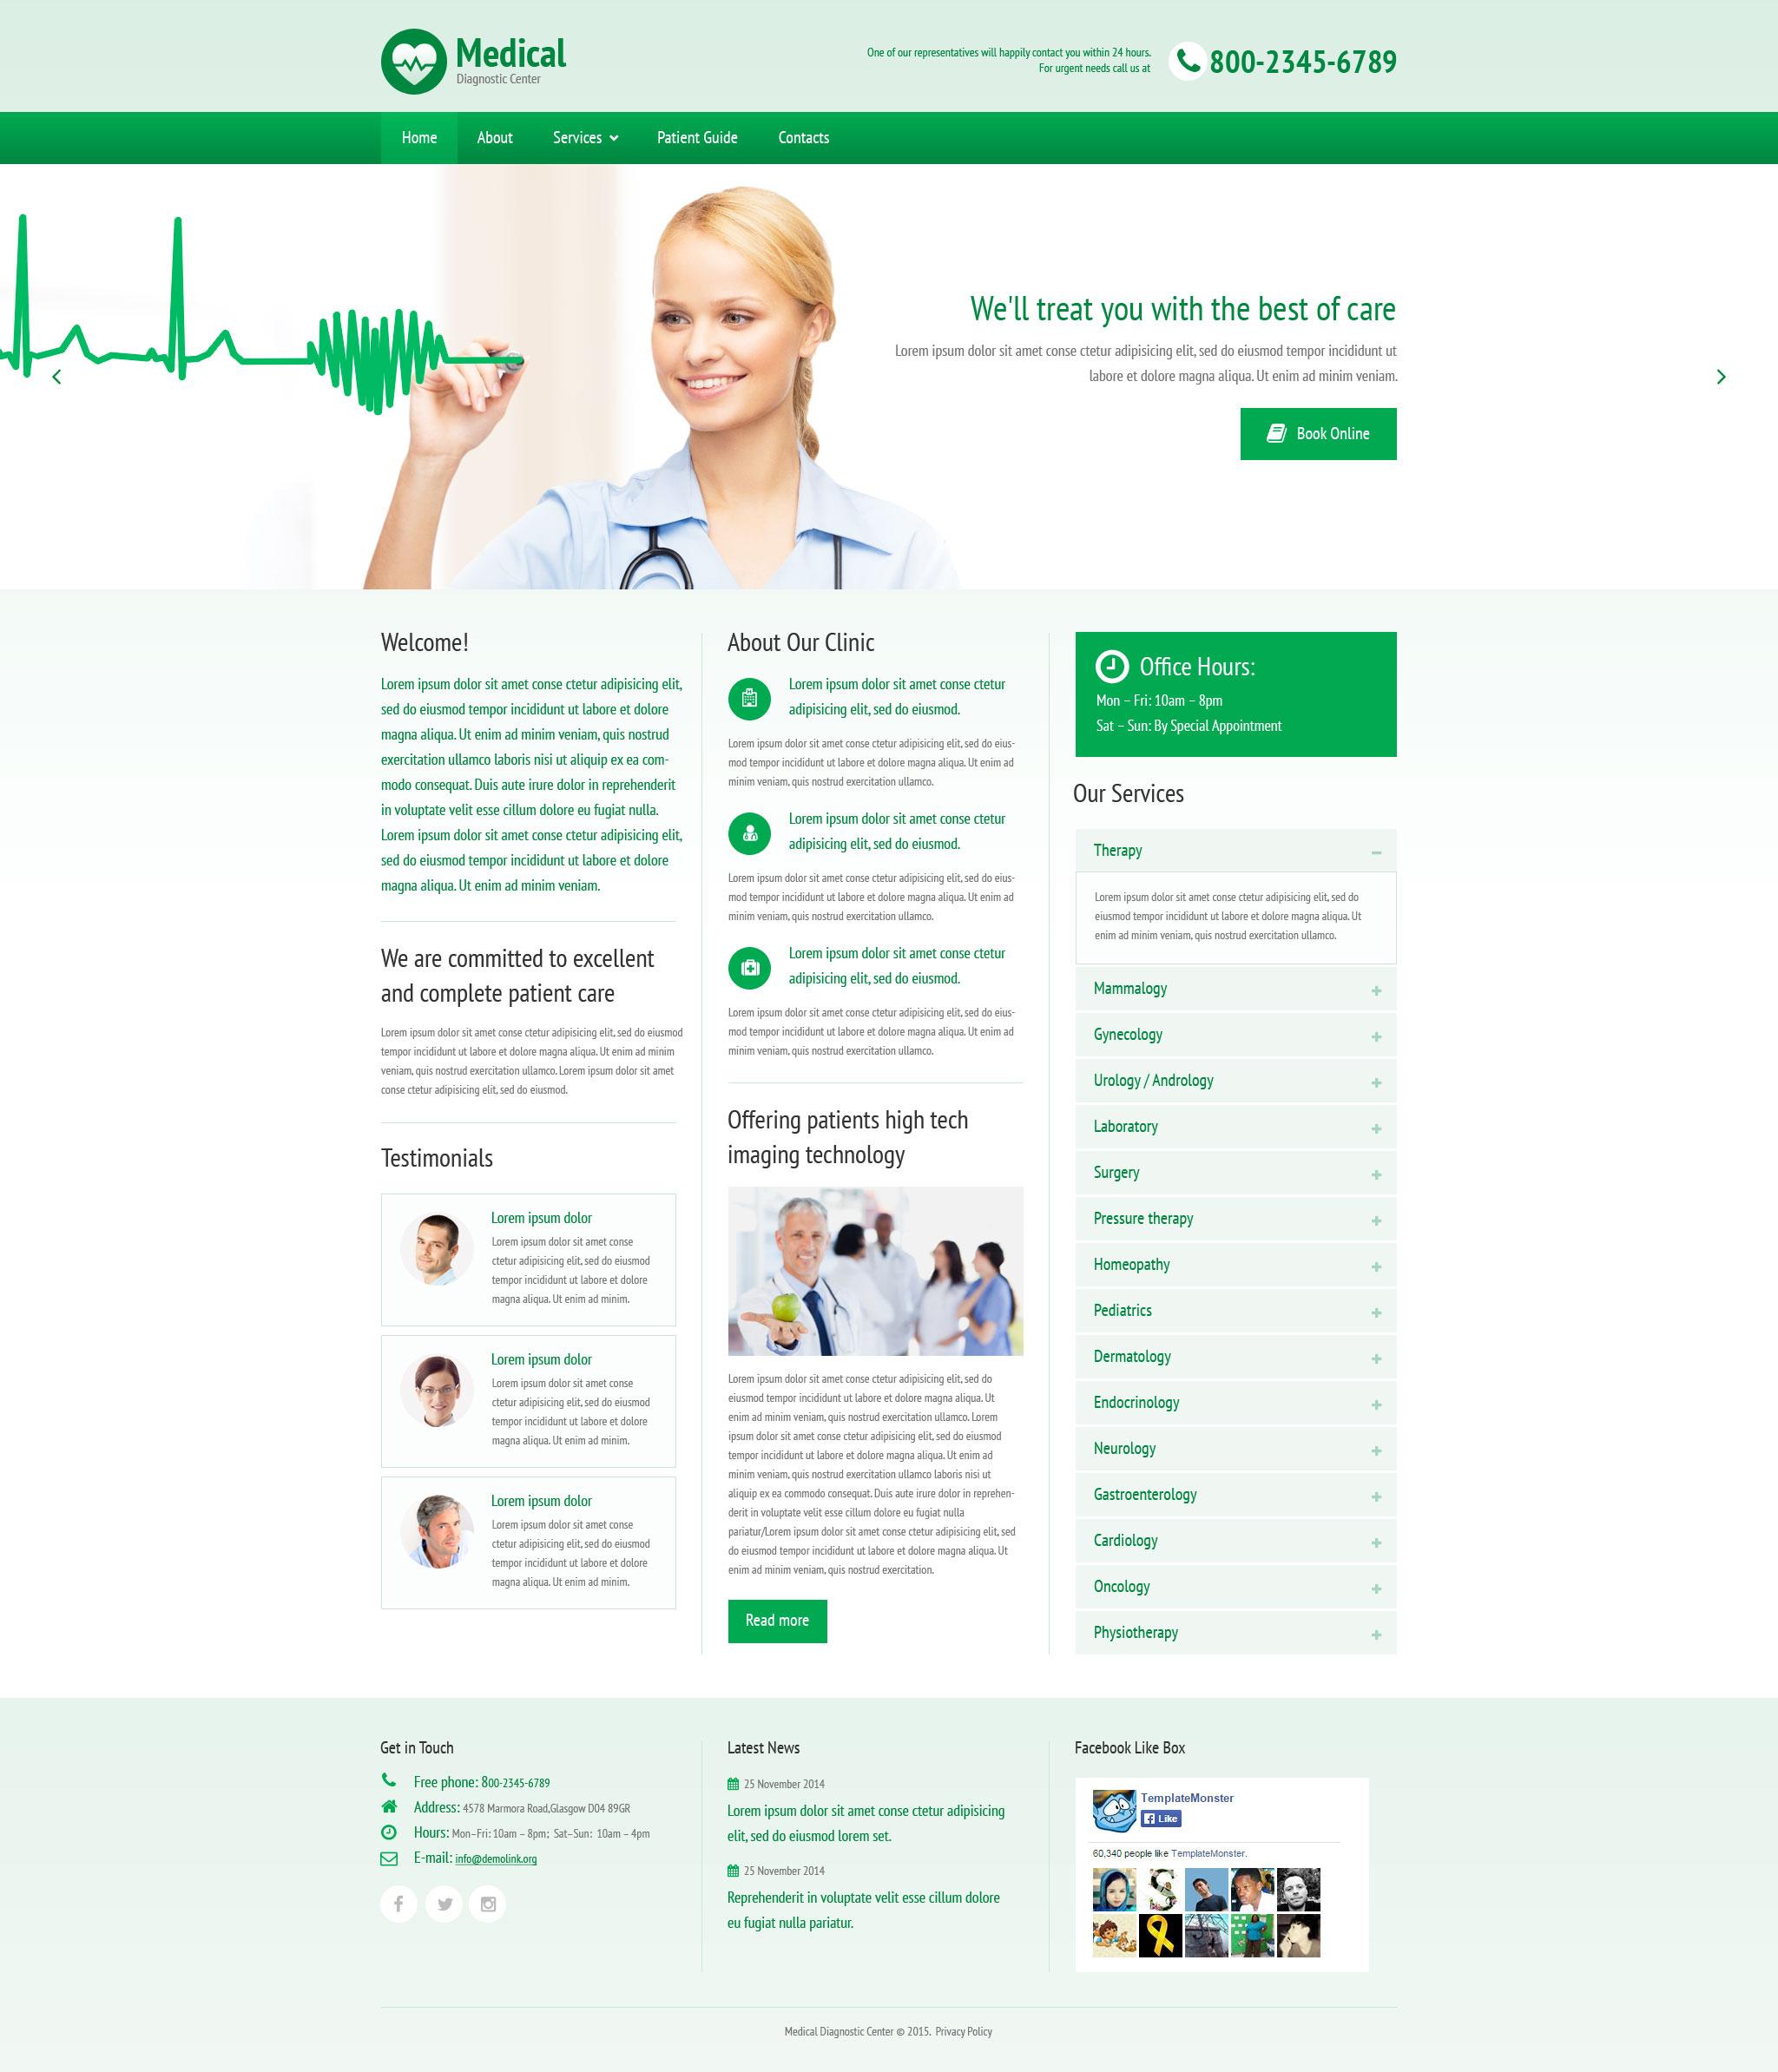 Modèle Web adaptatif pour site médical #57991